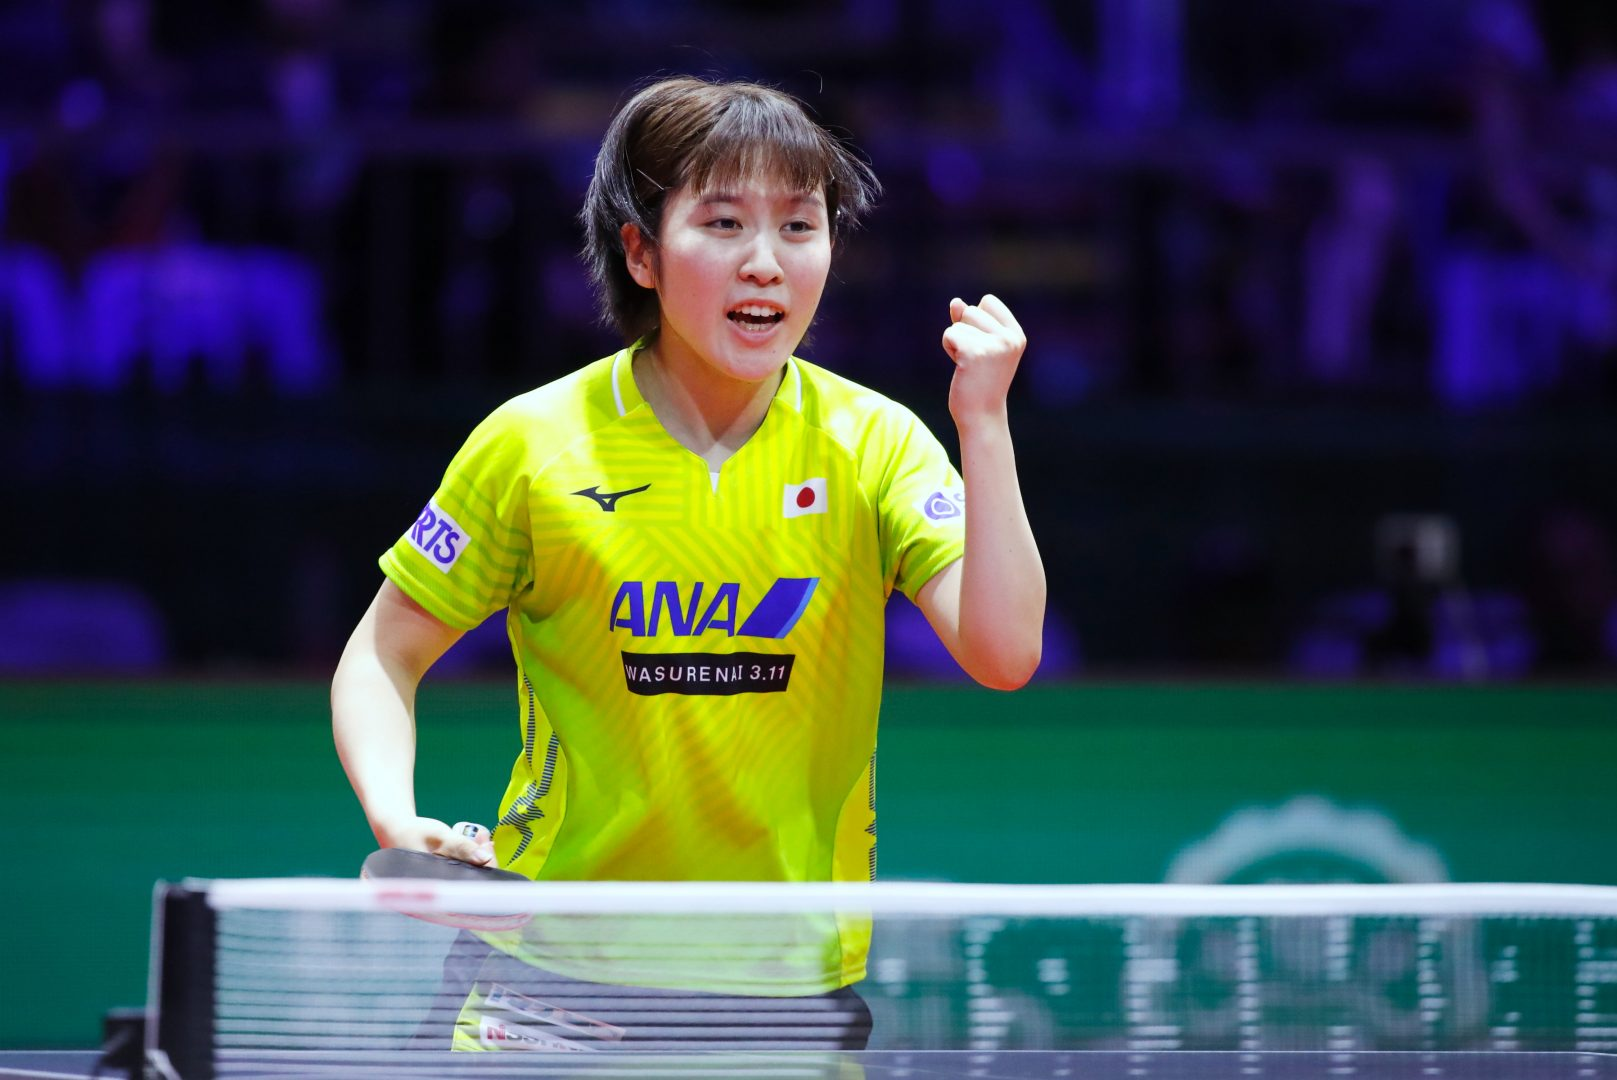 【卓球】平野美宇 丁寧に敗れ、2大会連続のメダルならず<世界卓球2019>